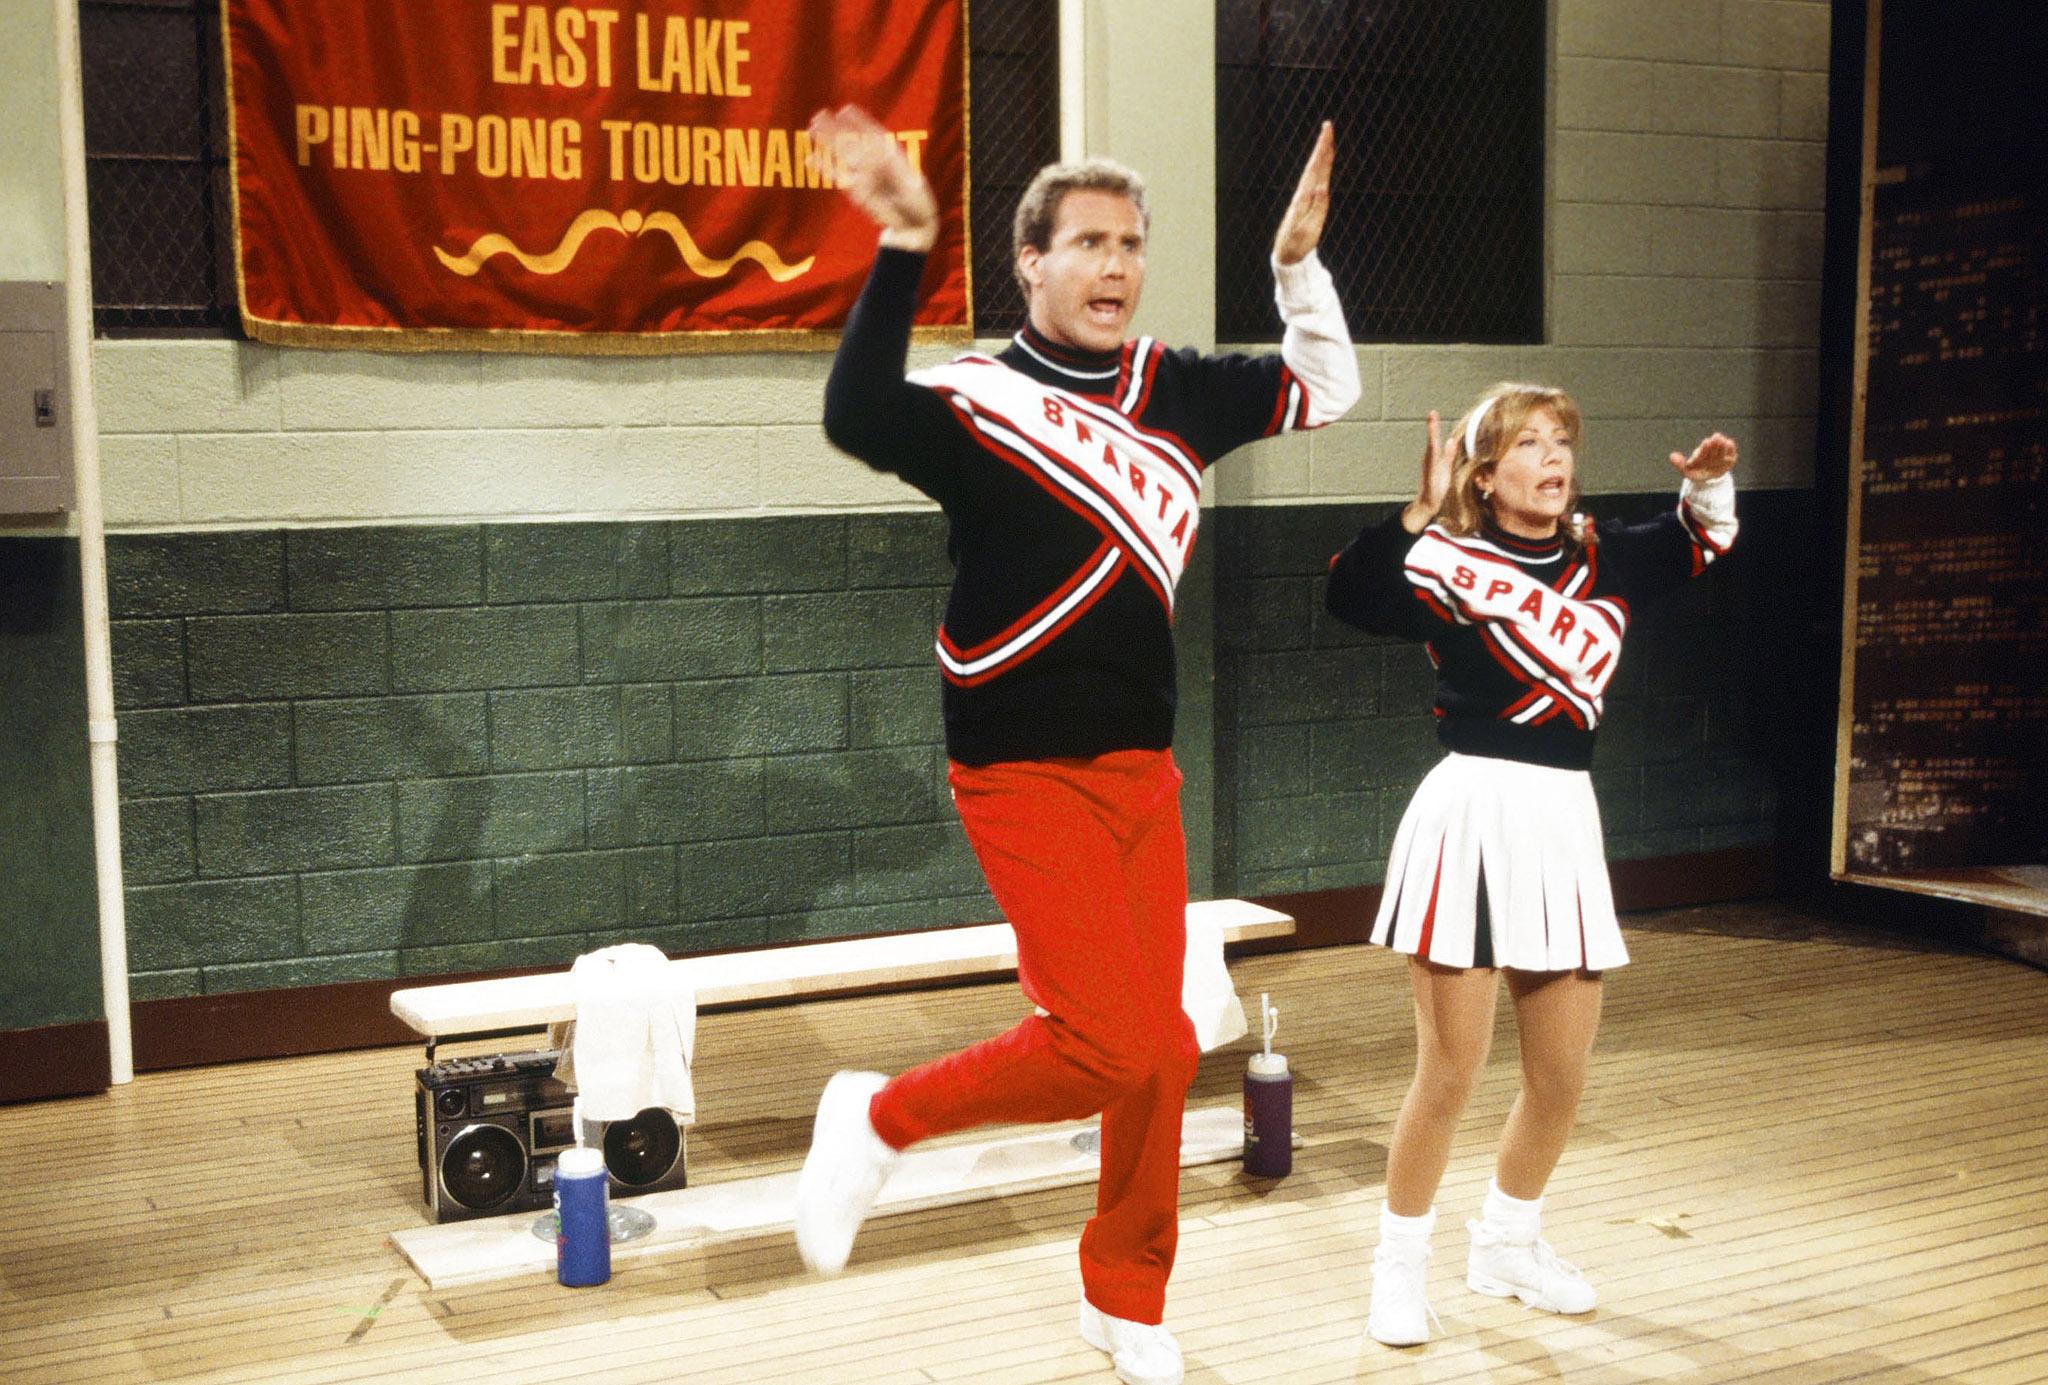 02-snl-cheerleaders.jpg